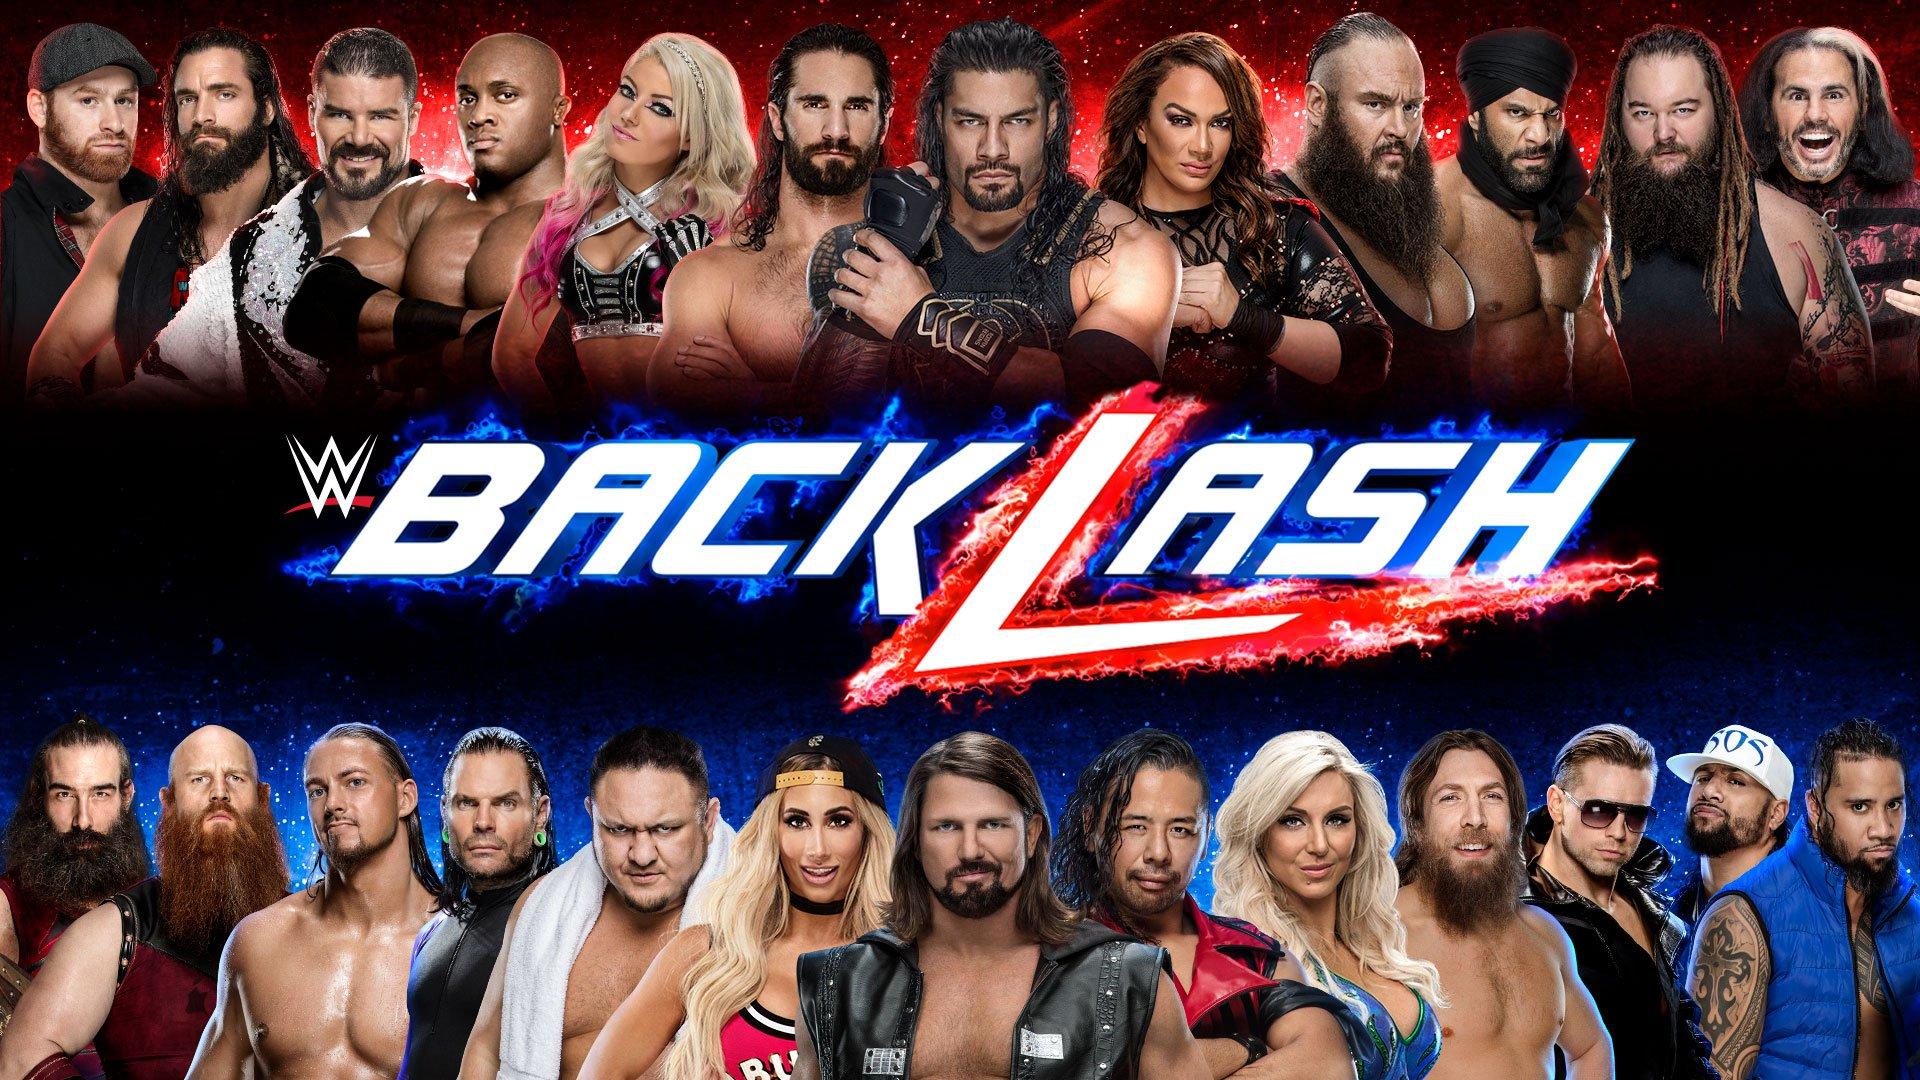 WWE Backlash 2018 Predictions